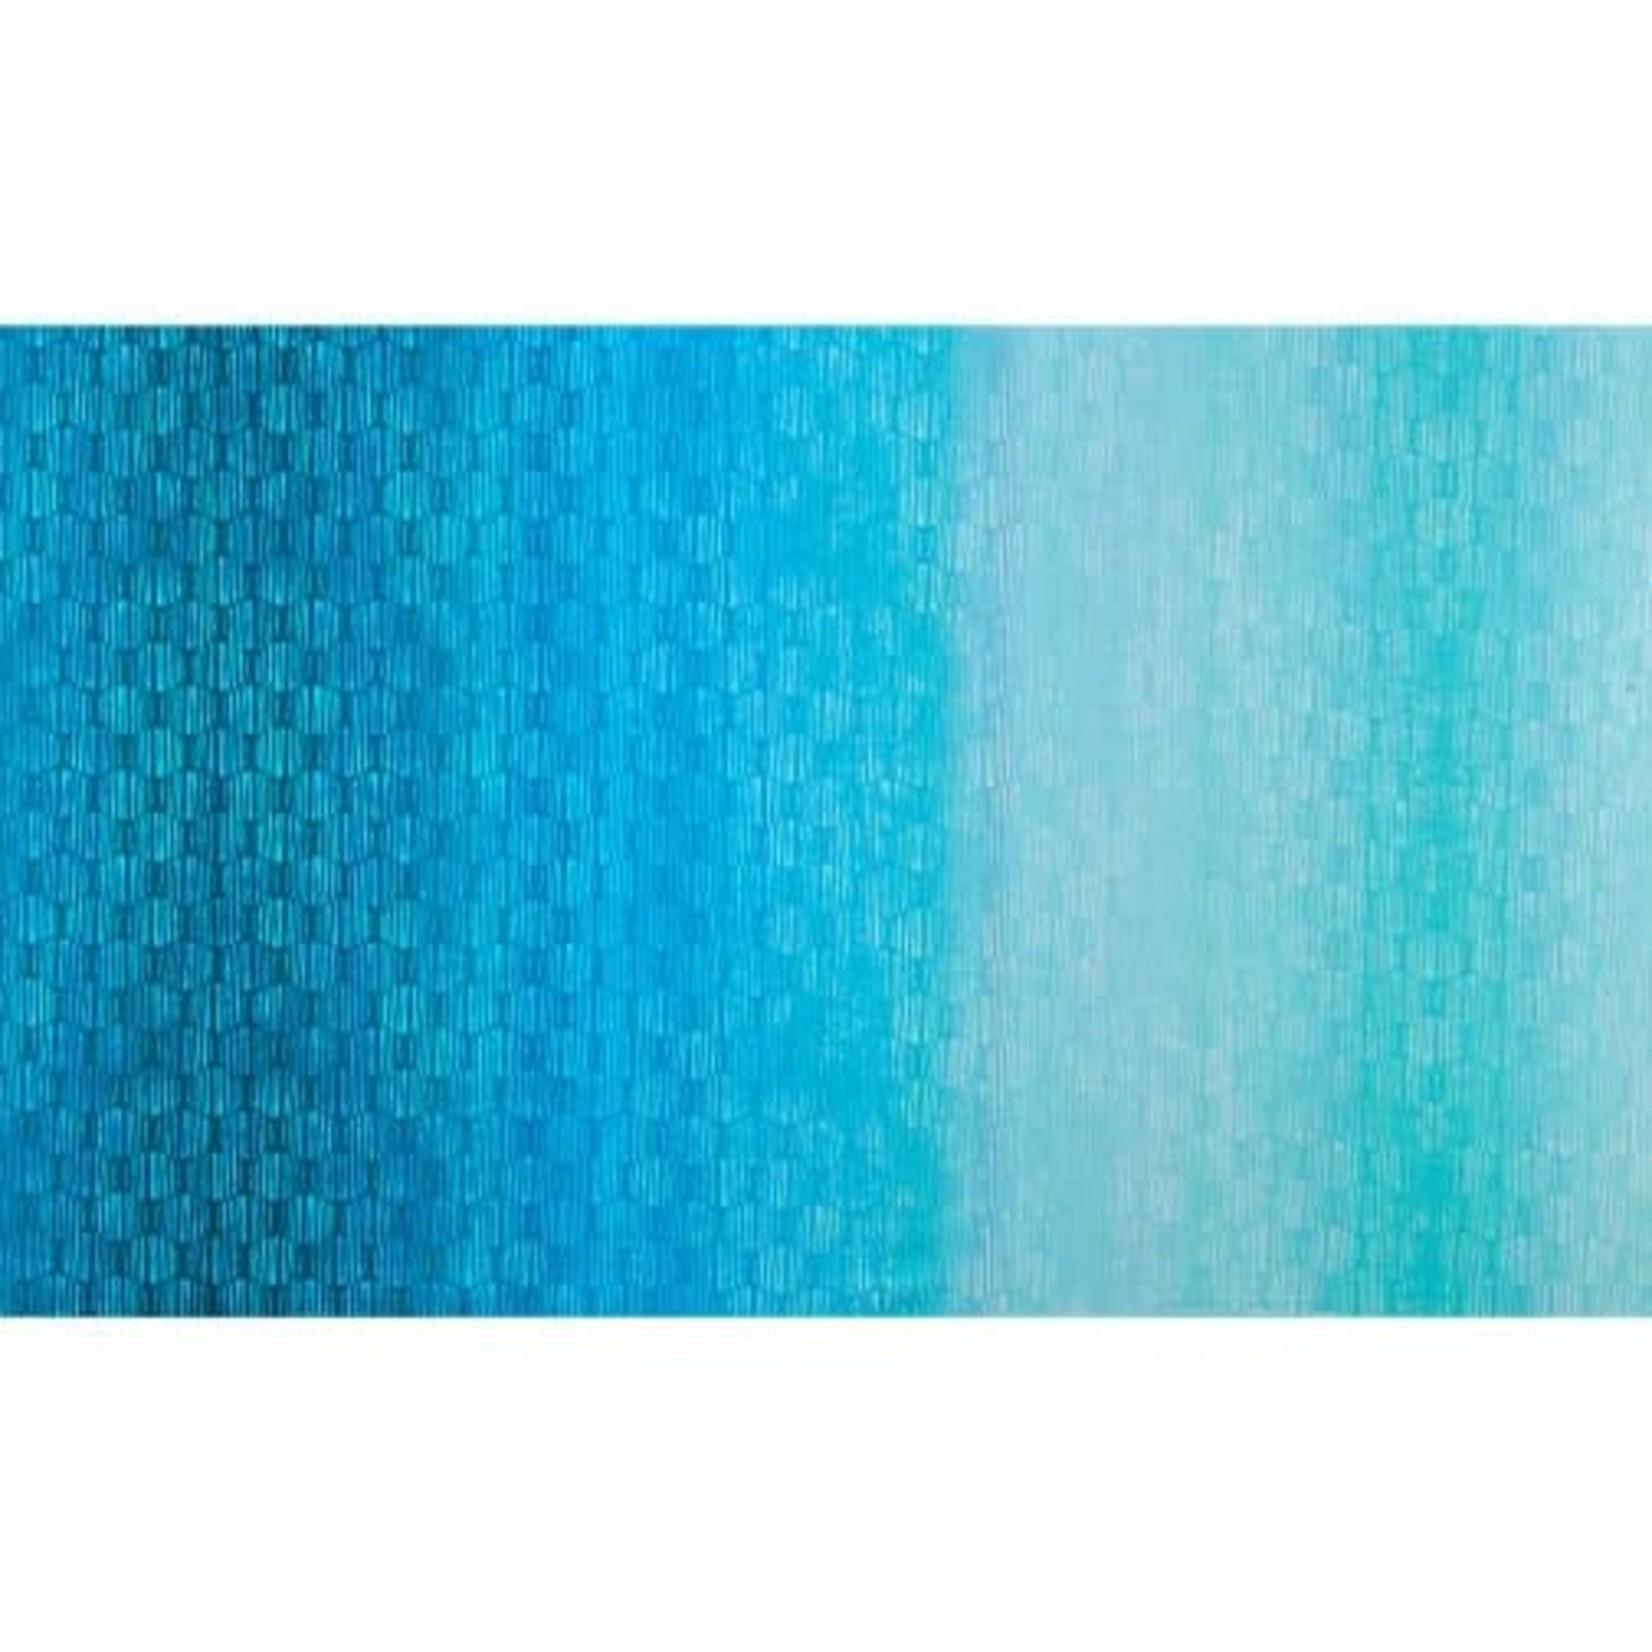 P&B Textiles Meridian - Ombre - Blue